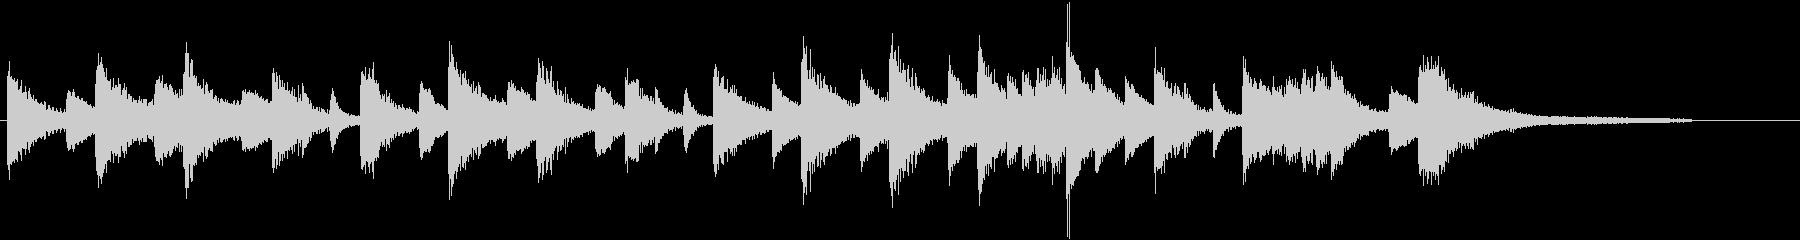 「花のワルツ」クラシックピアノジングルDの未再生の波形